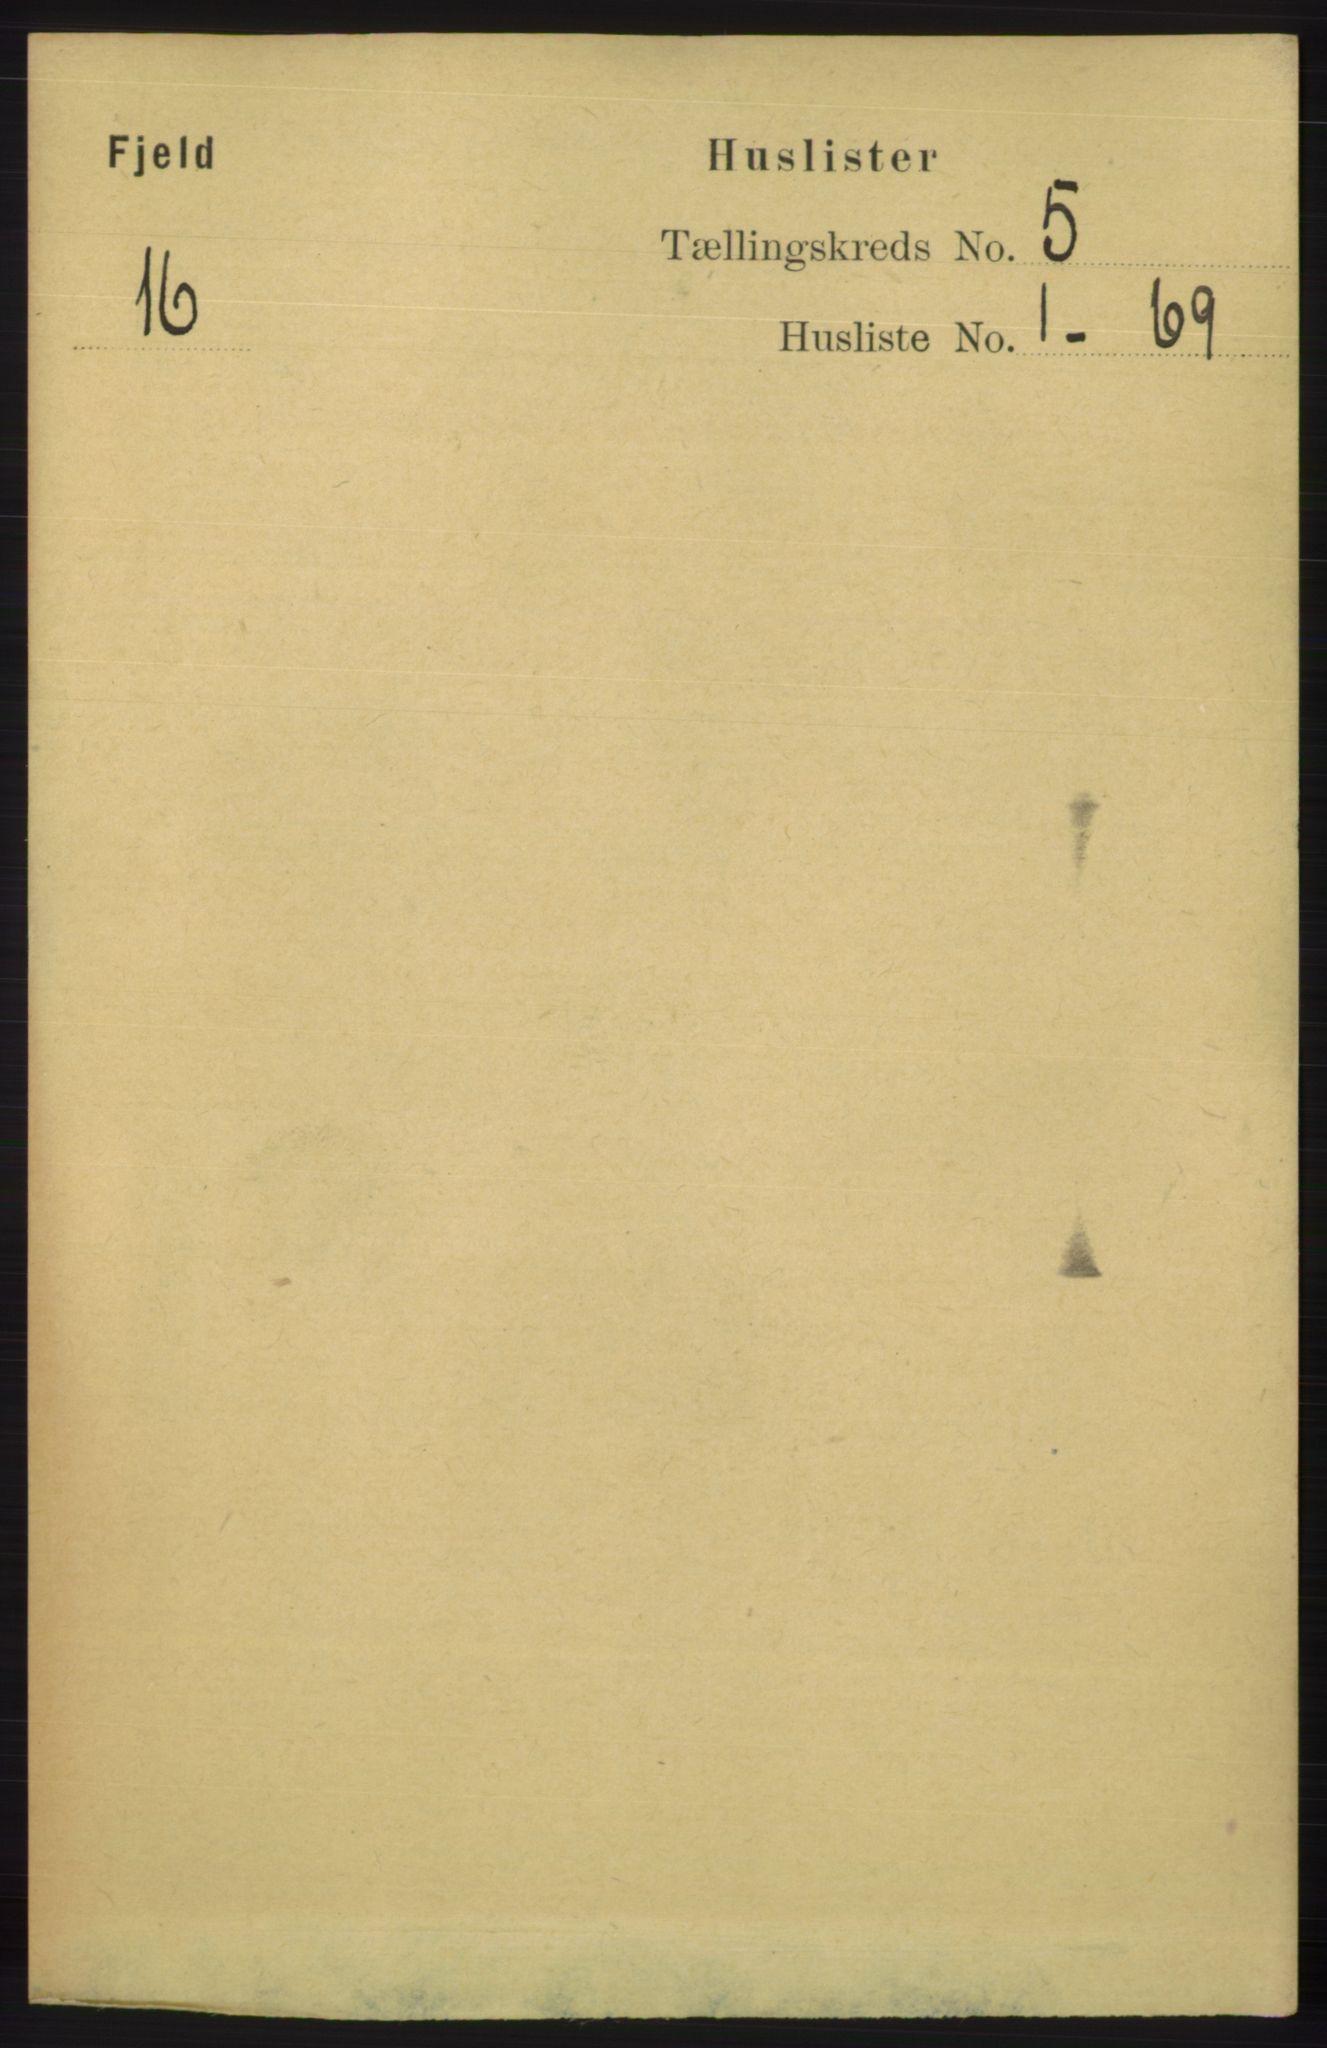 RA, Folketelling 1891 for 1246 Fjell herred, 1891, s. 2483